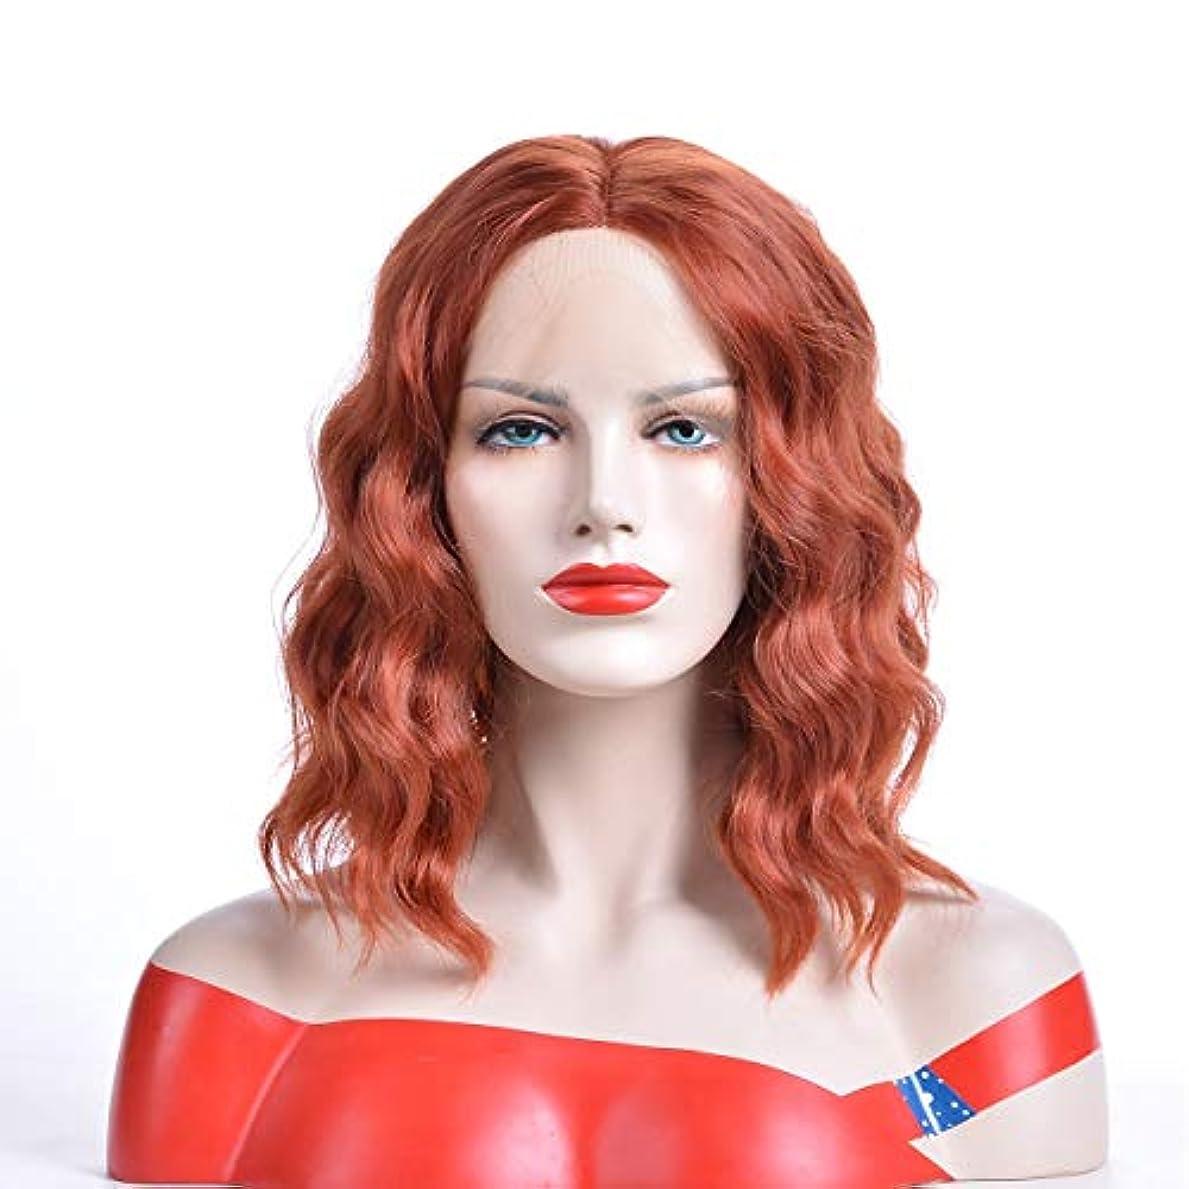 経験全く北東YOUQIU 21「」ショート波状カーリーブロンドレッド女性の女の子の魅力的な合成かつらコスプレハロウィンウィッグ耐熱ボブ?パーティーウィッグウィッグ (色 : Blonde Red, サイズ : 21